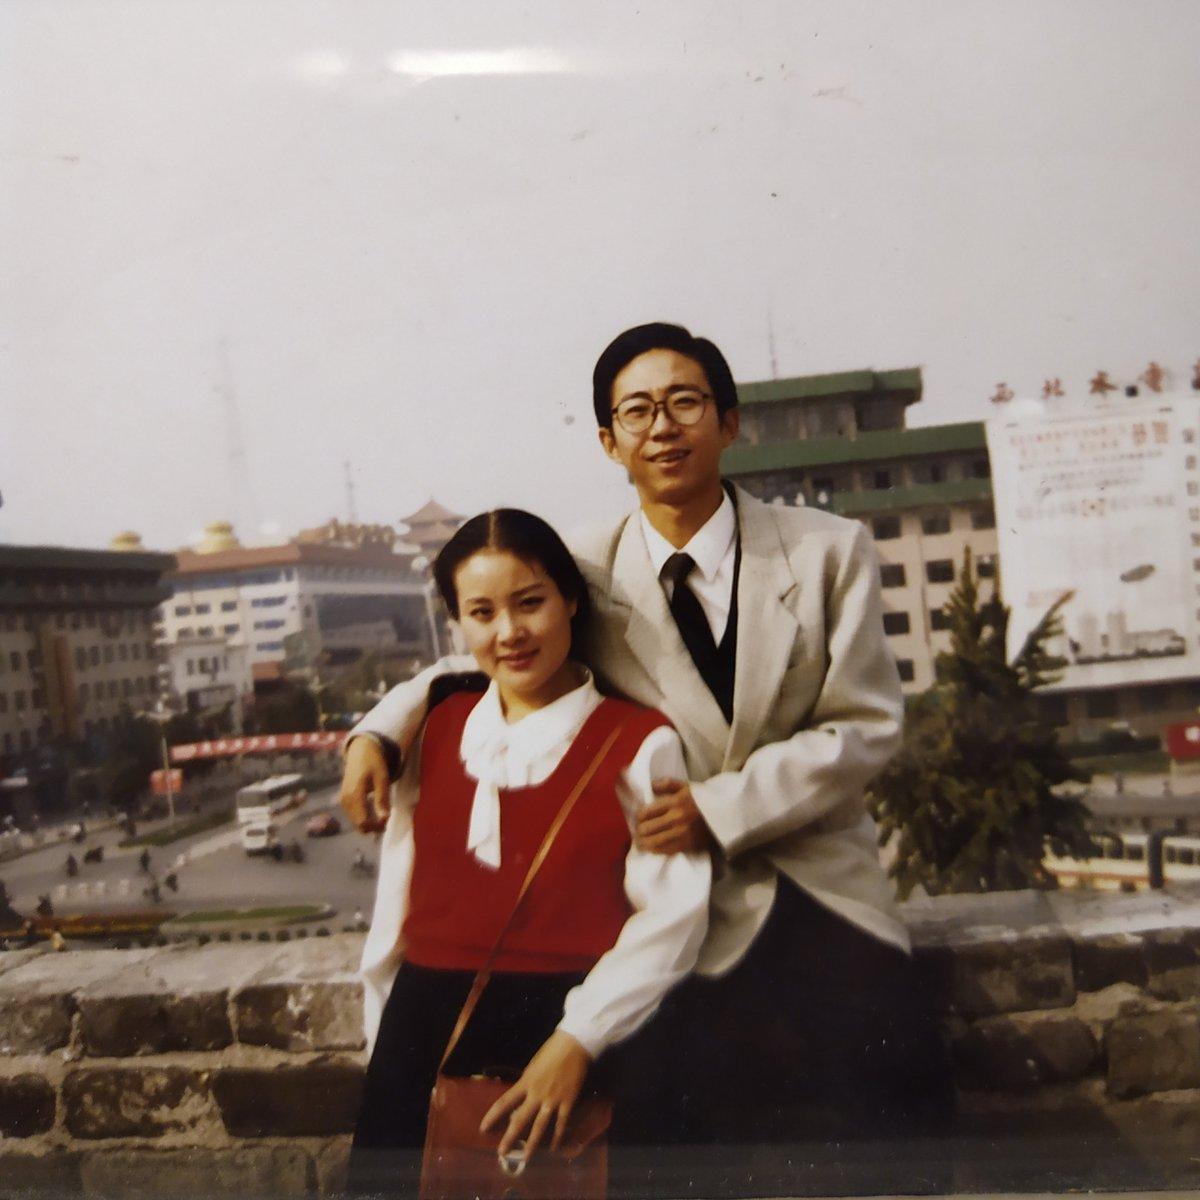 我和妻子王菁在西安城墙上。 好像是1995年。  那些年的照片,妻子让我翻拍一些发给她。因为我们隔着一个太平洋。